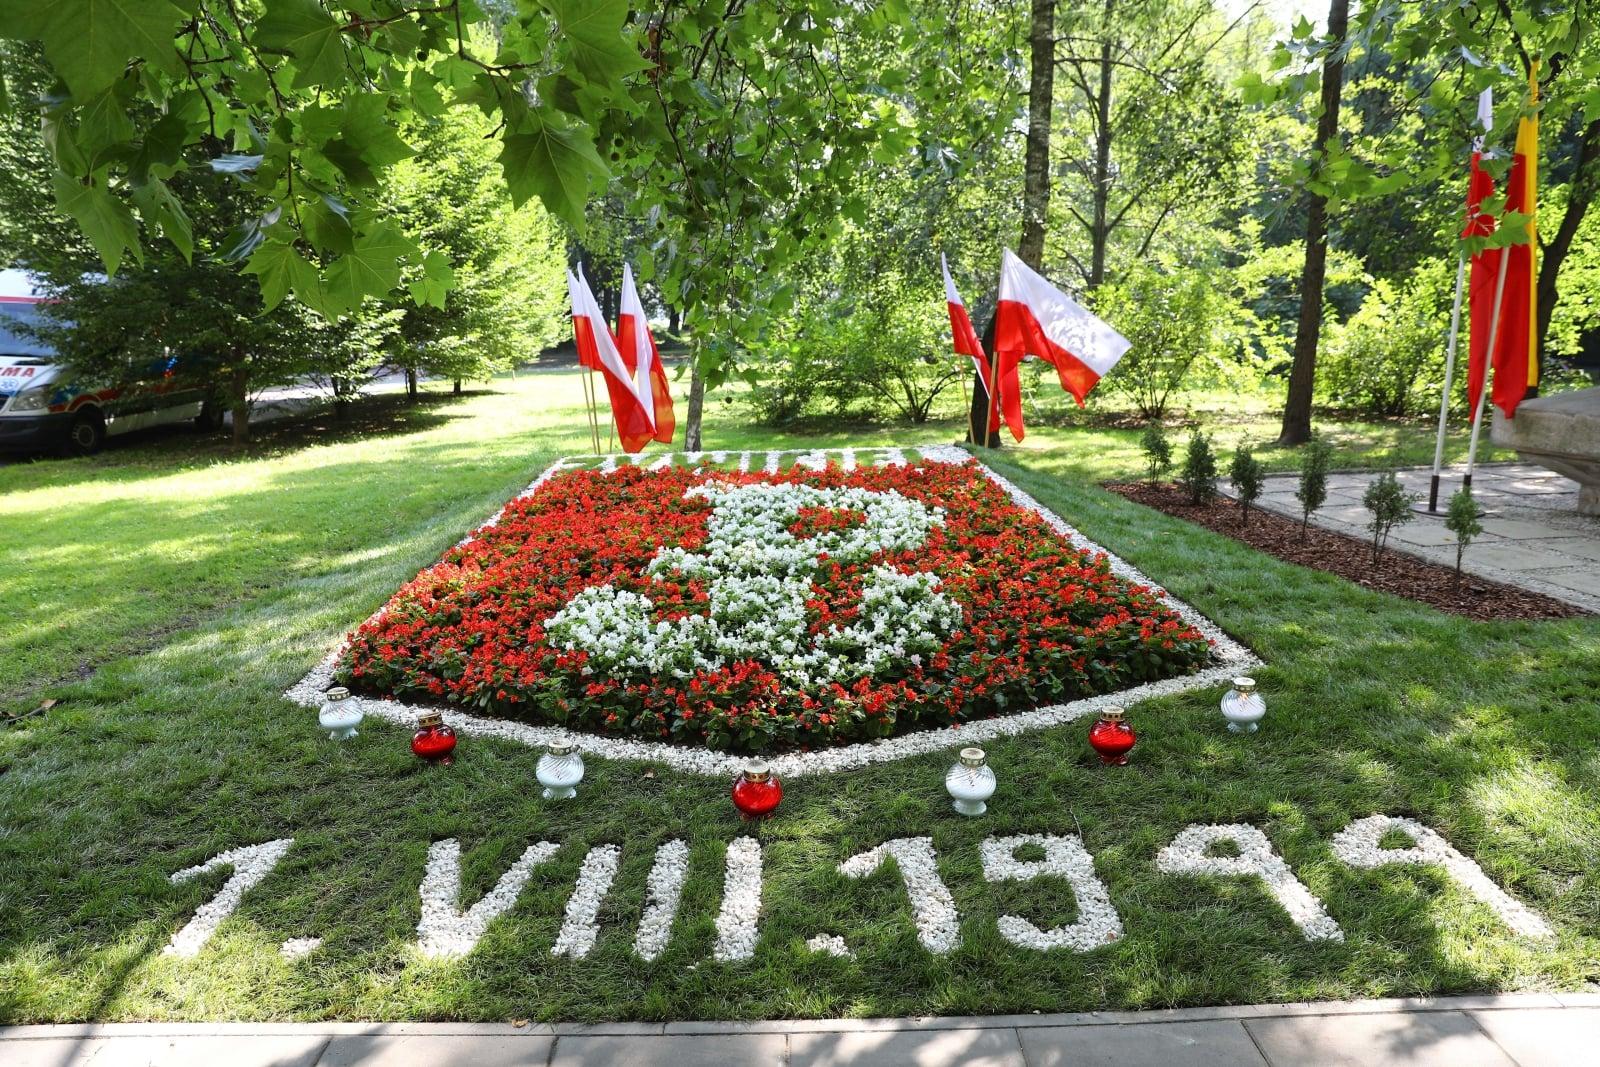 Uroczystoœci w ramach obchodów 74. rocznicy wybuchu Powstania Warszawskiego w Warszawie, fot. PAP/Rafał Guz